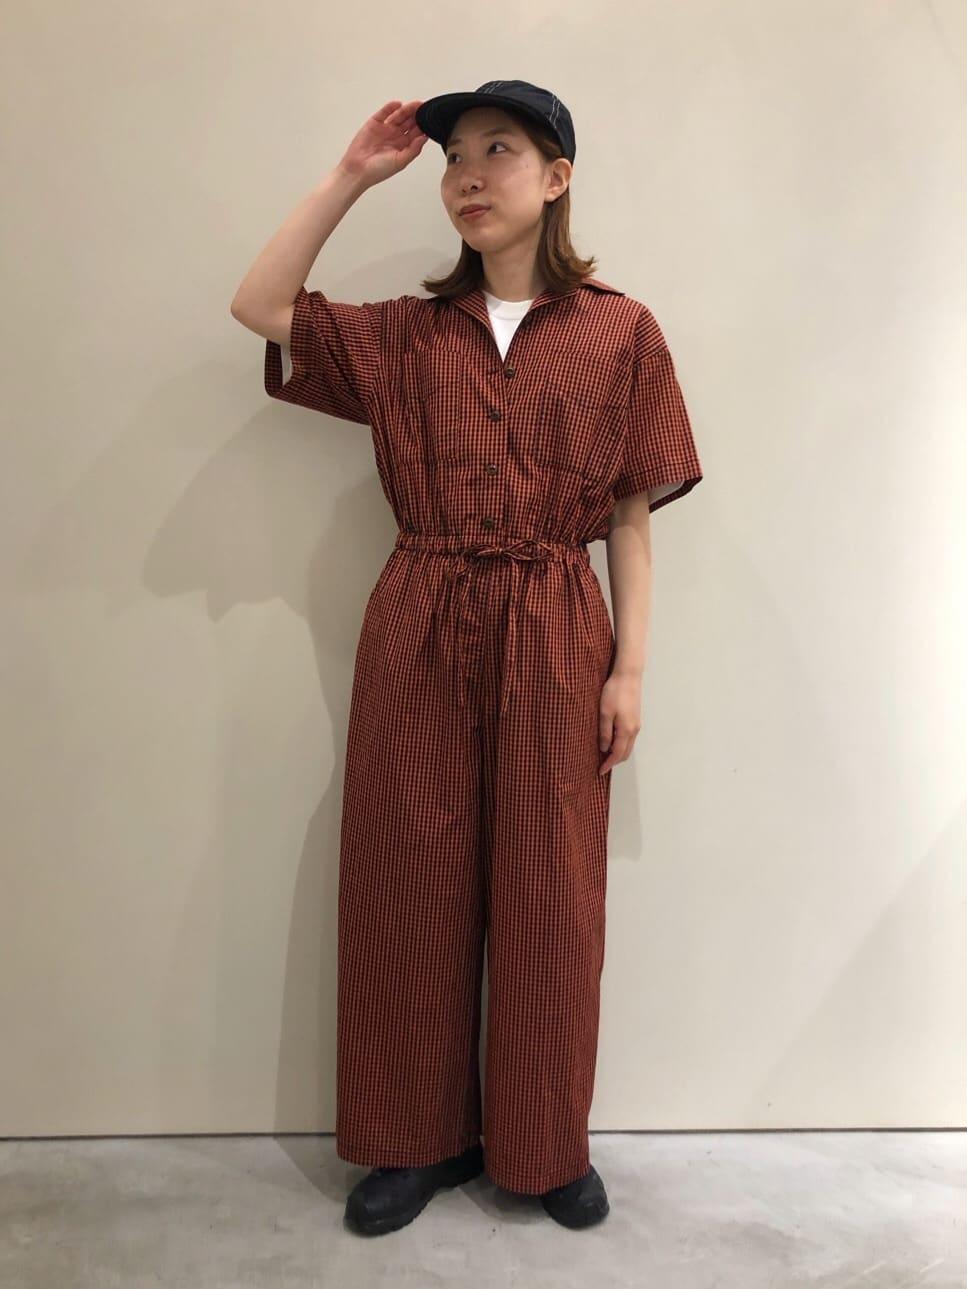 CHILD WOMAN , PAR ICI 新宿ミロード 2021.07.29